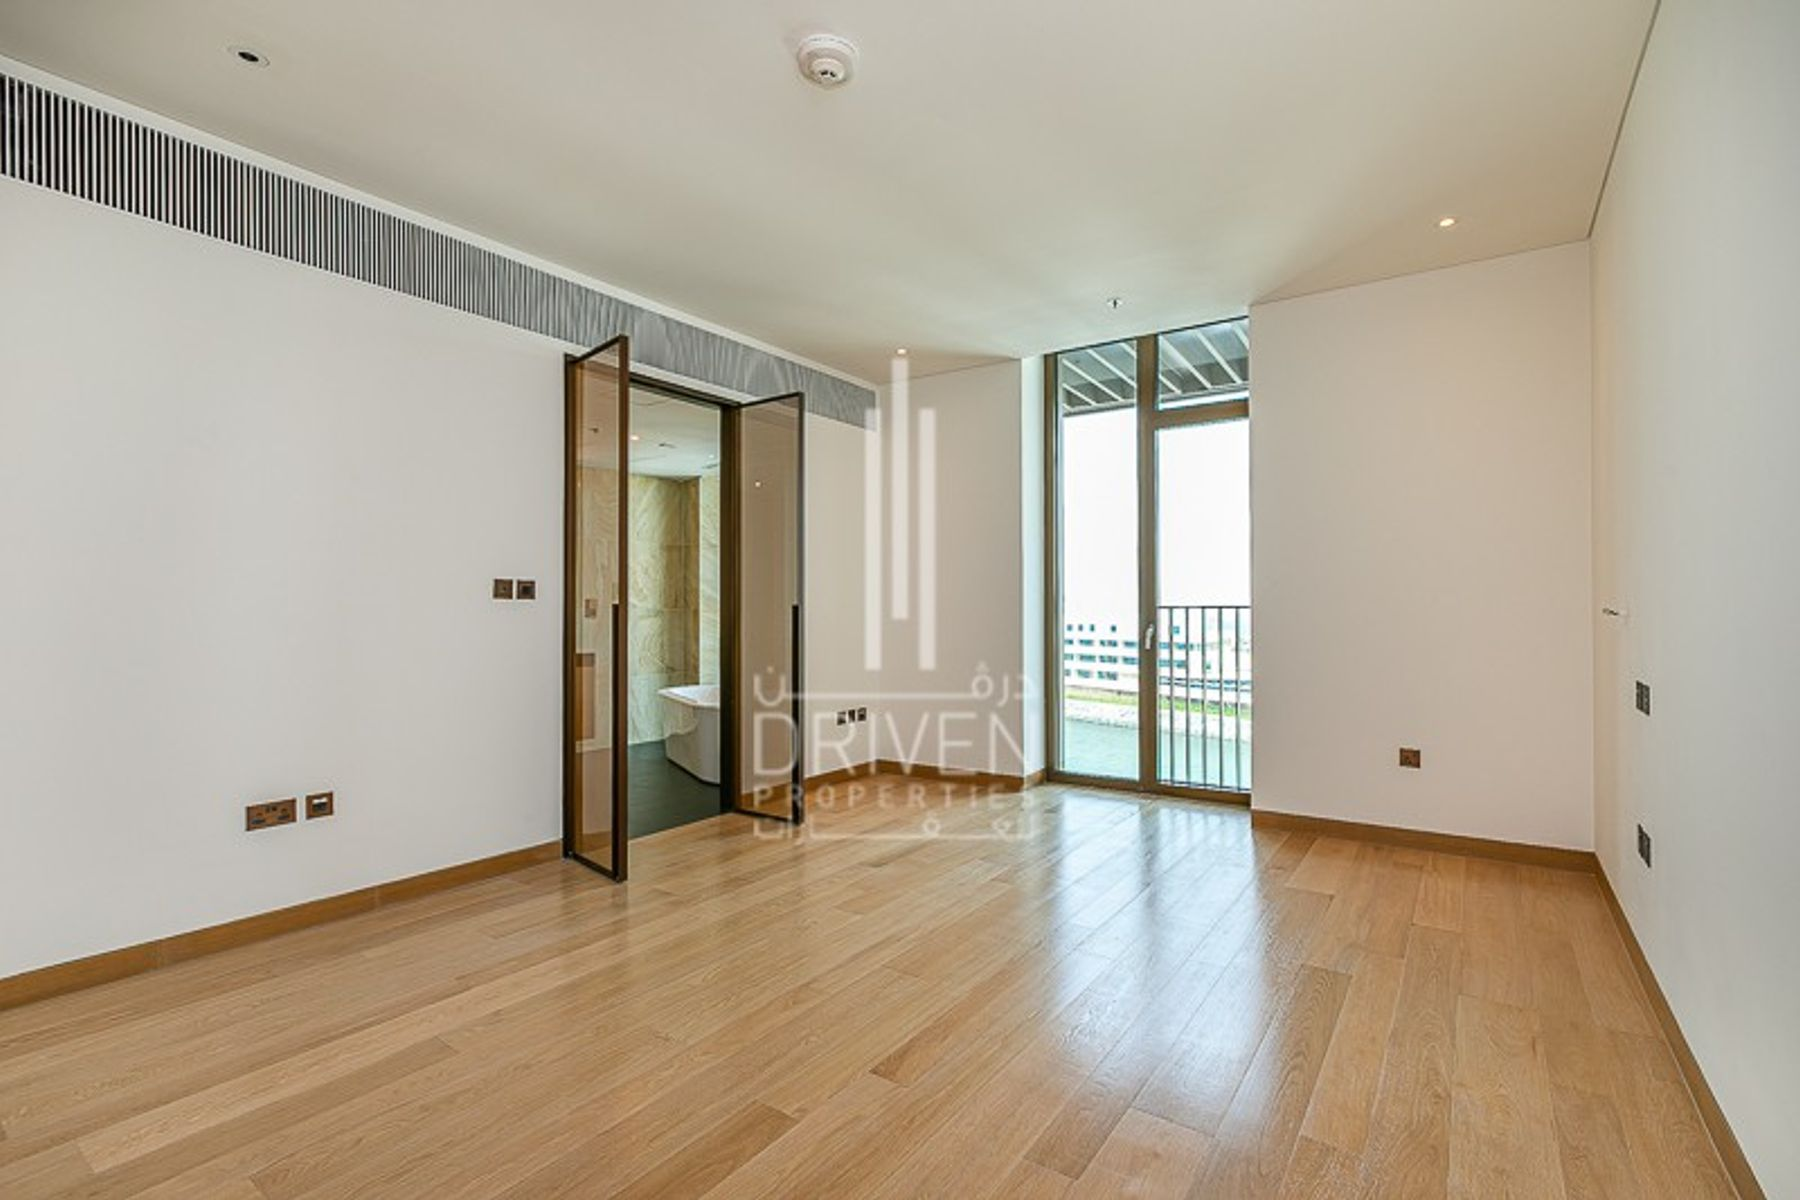 Apartment for Rent in Bulgari Resort and Residences, Jumeirah